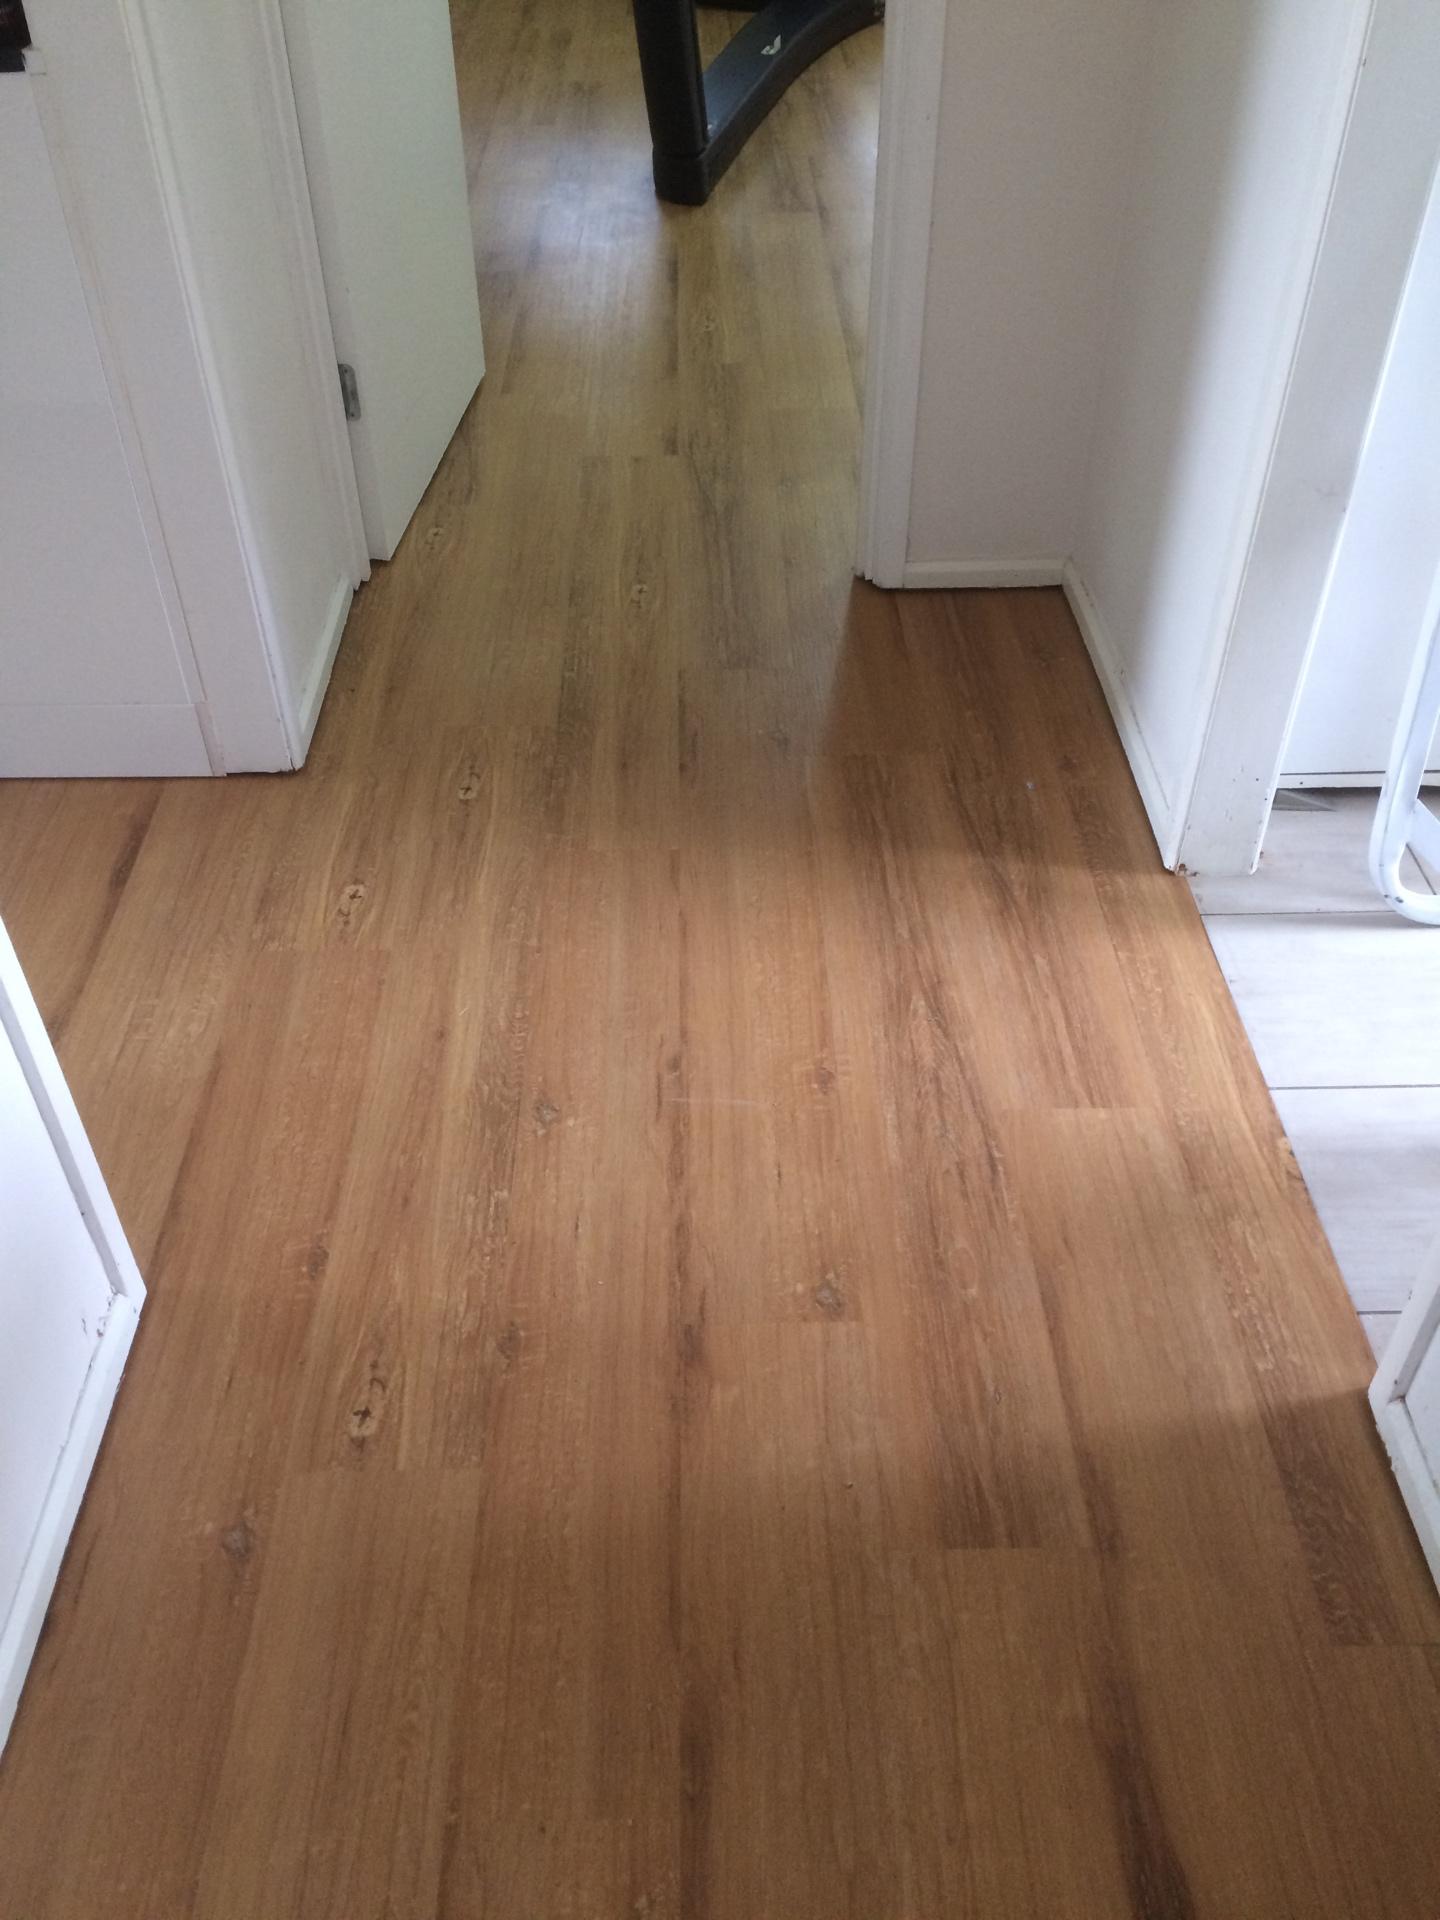 Loose Lay Vinyl Floor Tiles Gallery Tile Flooring Design